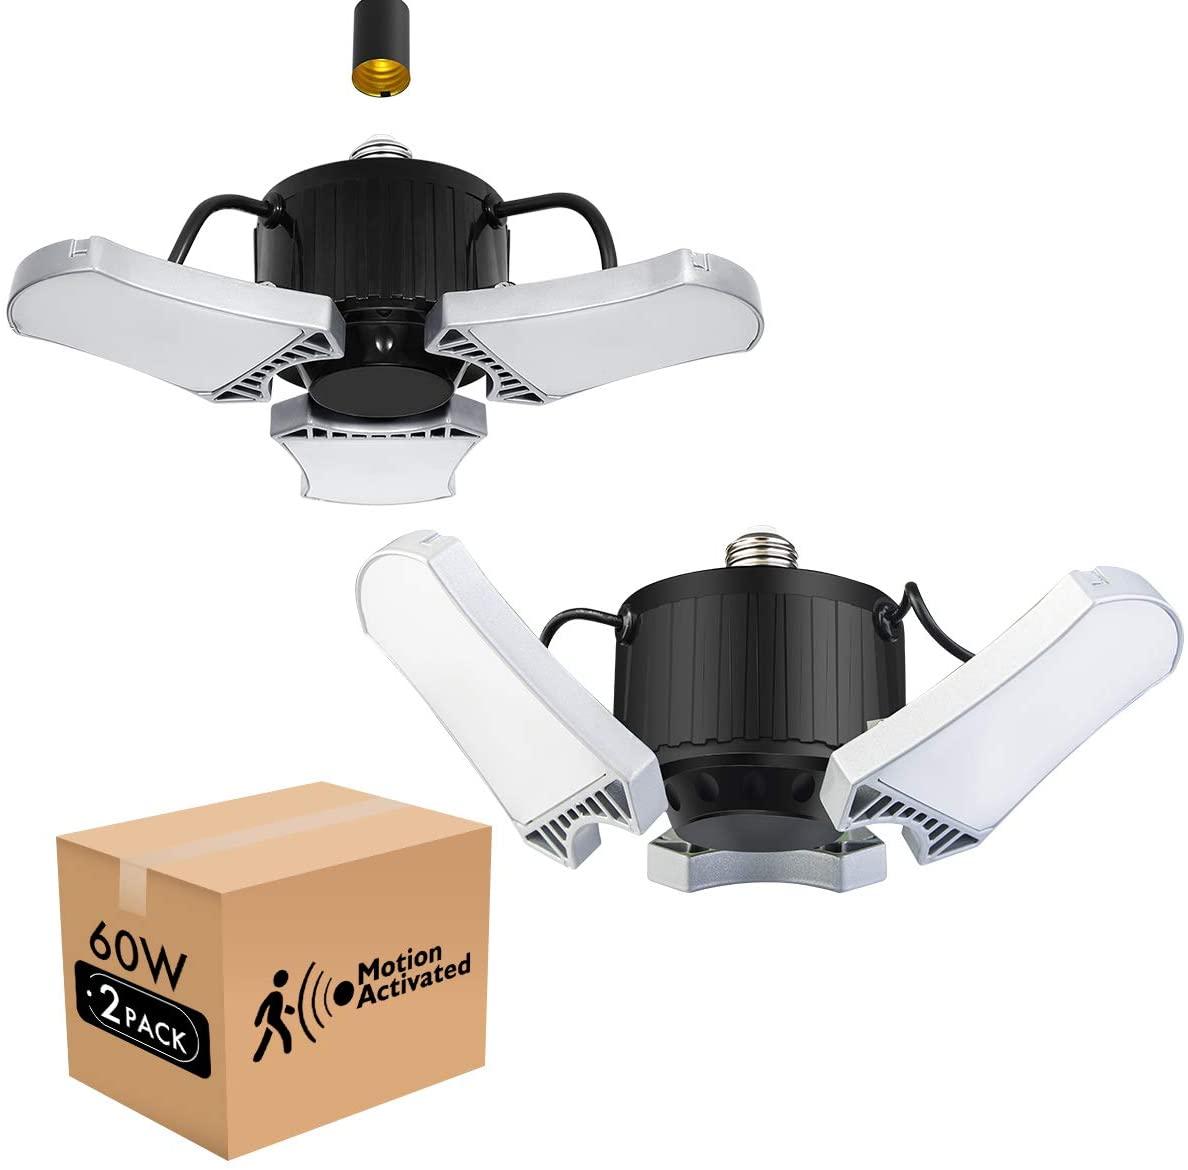 Lightdot 2 Pack LED Garage Light with Motion Sensor, 6000LM(60W Eqv 200W), 5000k, E26/E27 Base for Garage Basement and Barn (Eye Care)